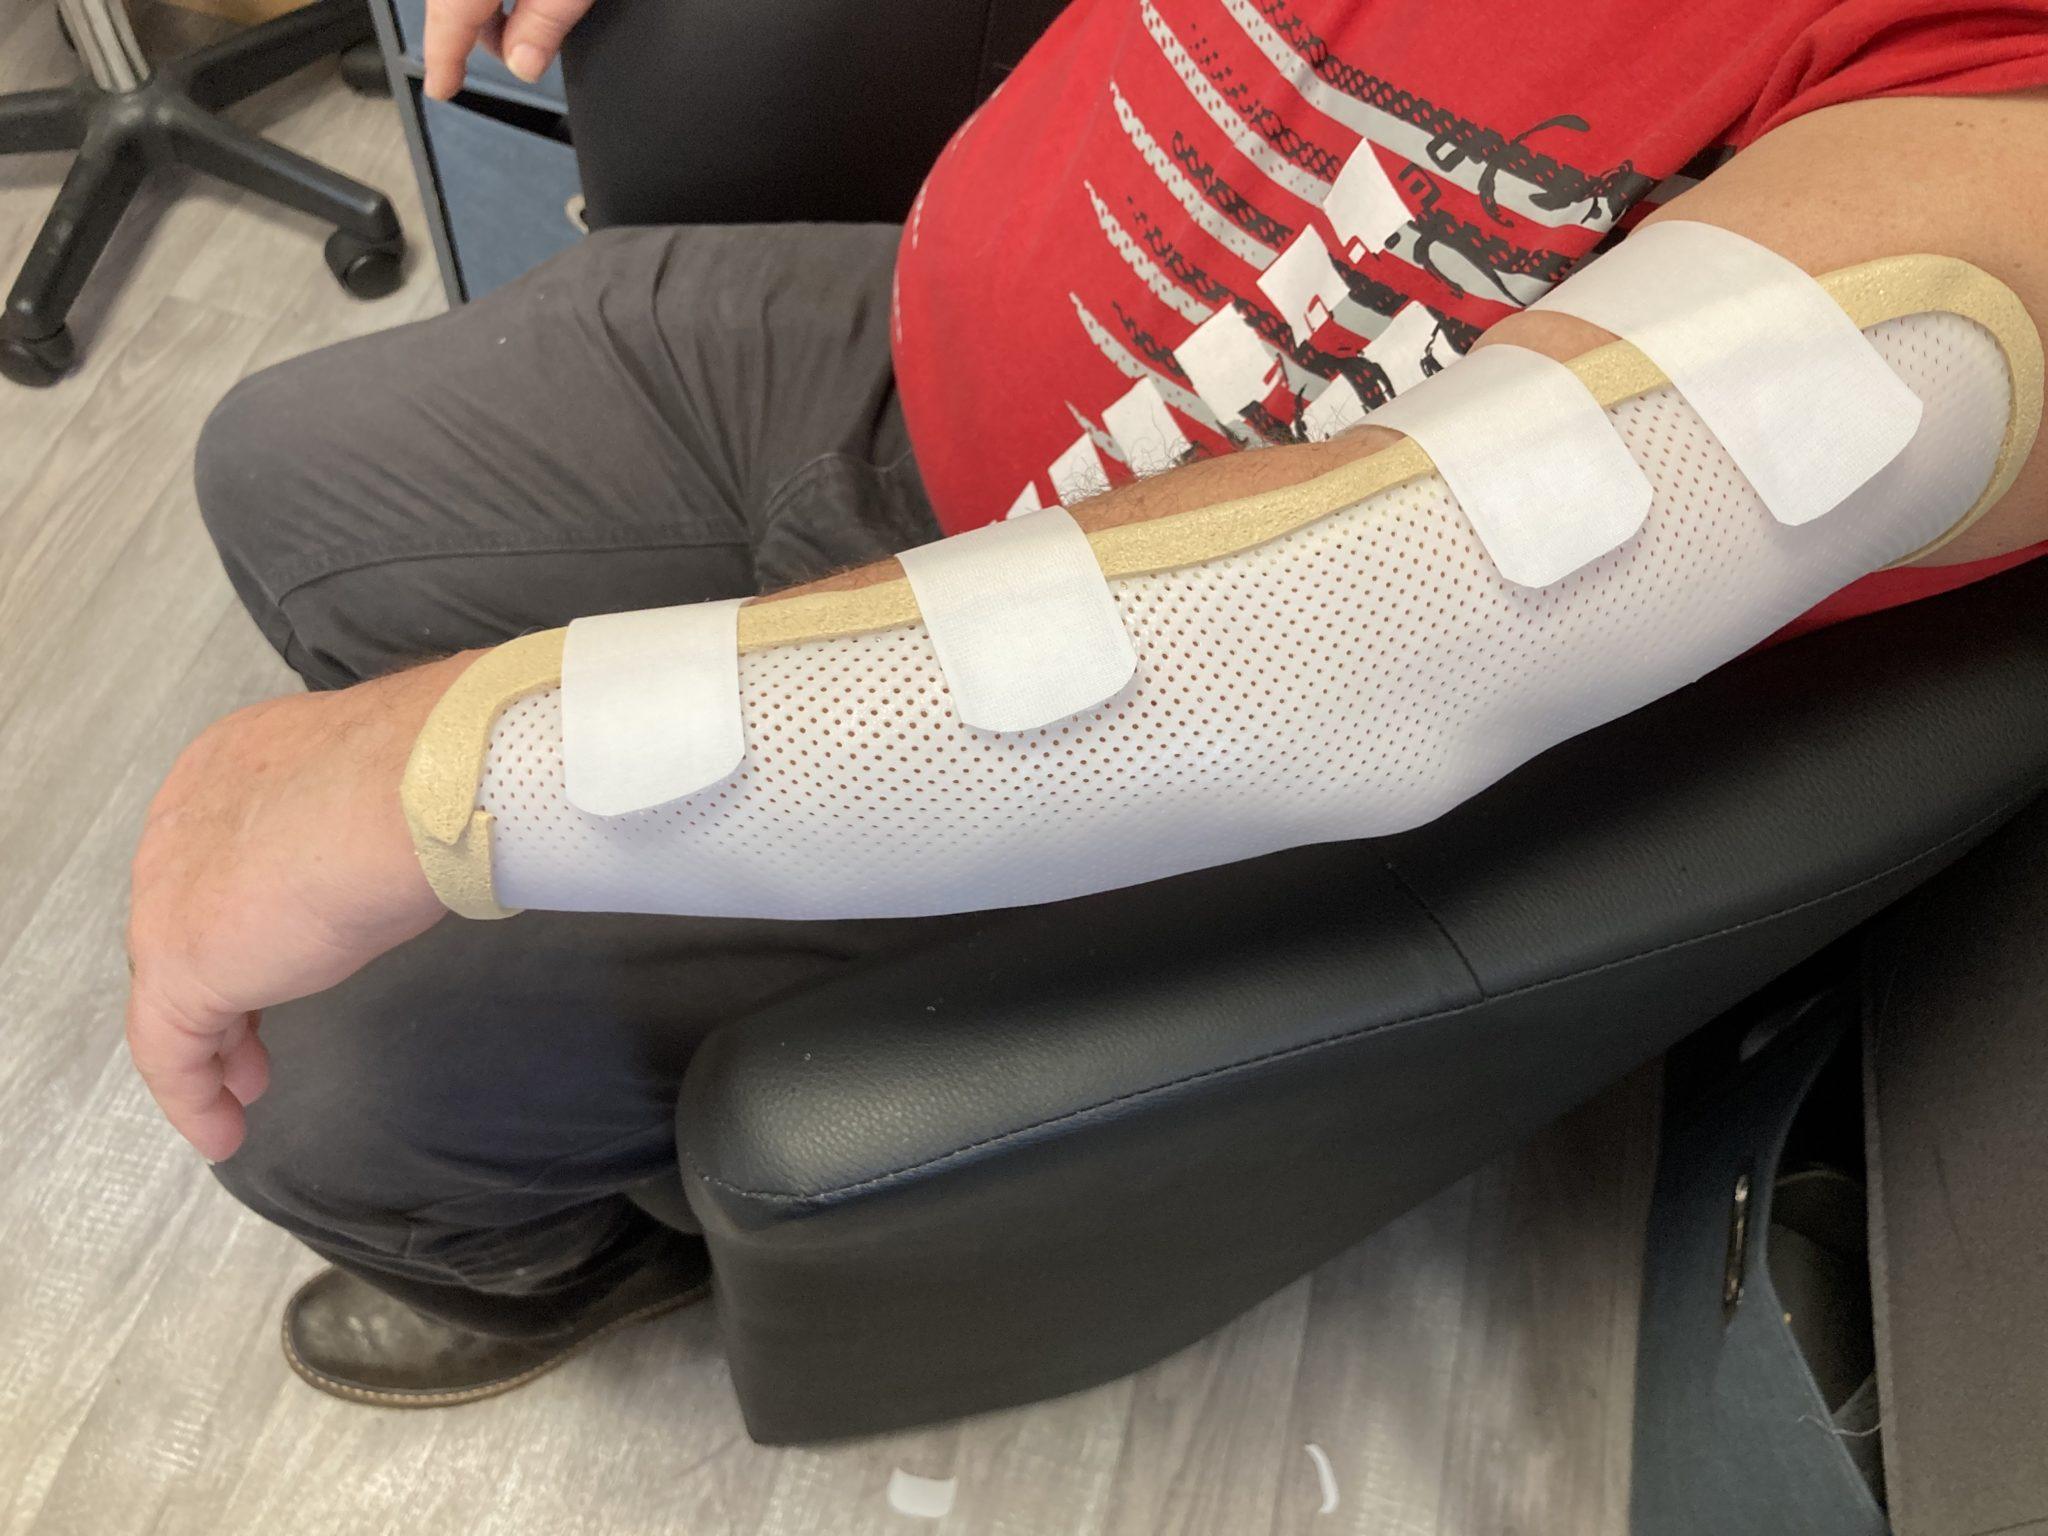 attelle de bras - attelle de coude - orthèse de bras  orthèse de coude  - attelle sur-mesure - orthèse de main - orthèse sur-mesure - orthopédie - sur-mesure